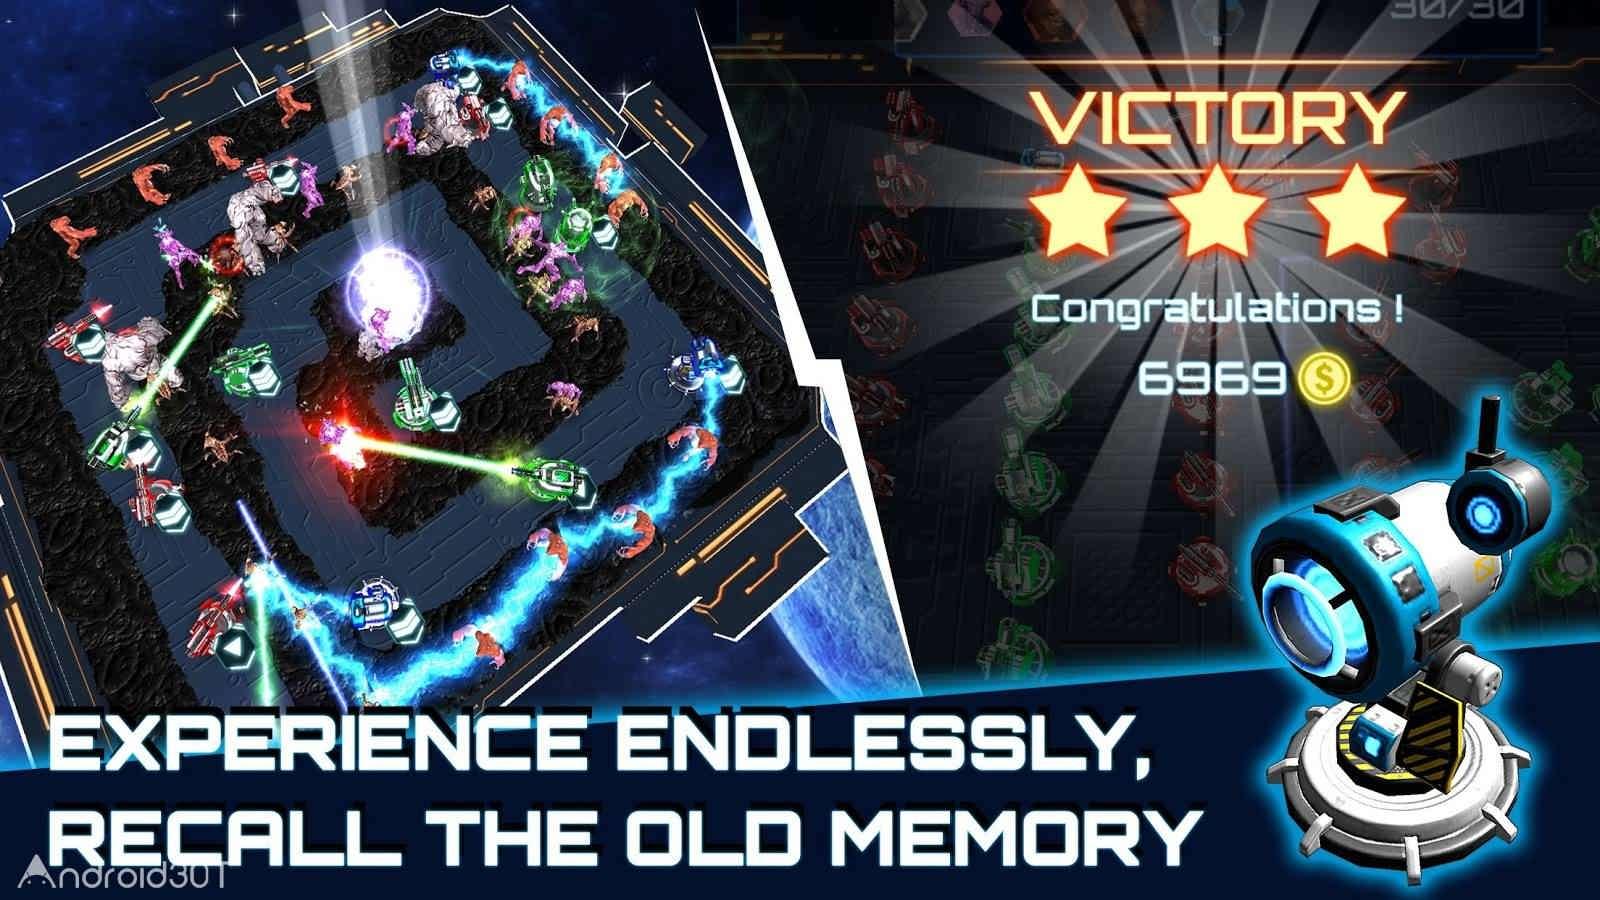 دانلود Alien Demons TD 1.3 – بازی استراتژیکی شیاطین بیگانه اندروید